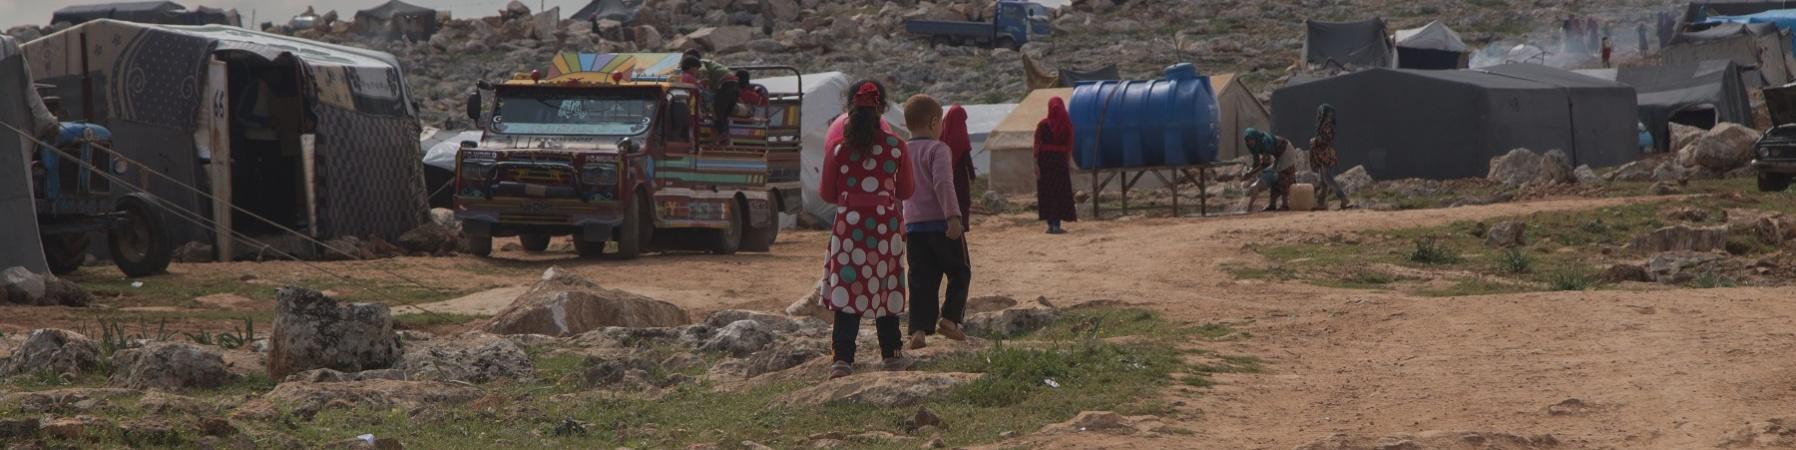 bambini di spalle in lontananza sullo sfondo di un accampamento di fortuna nel nord ovest della Siria